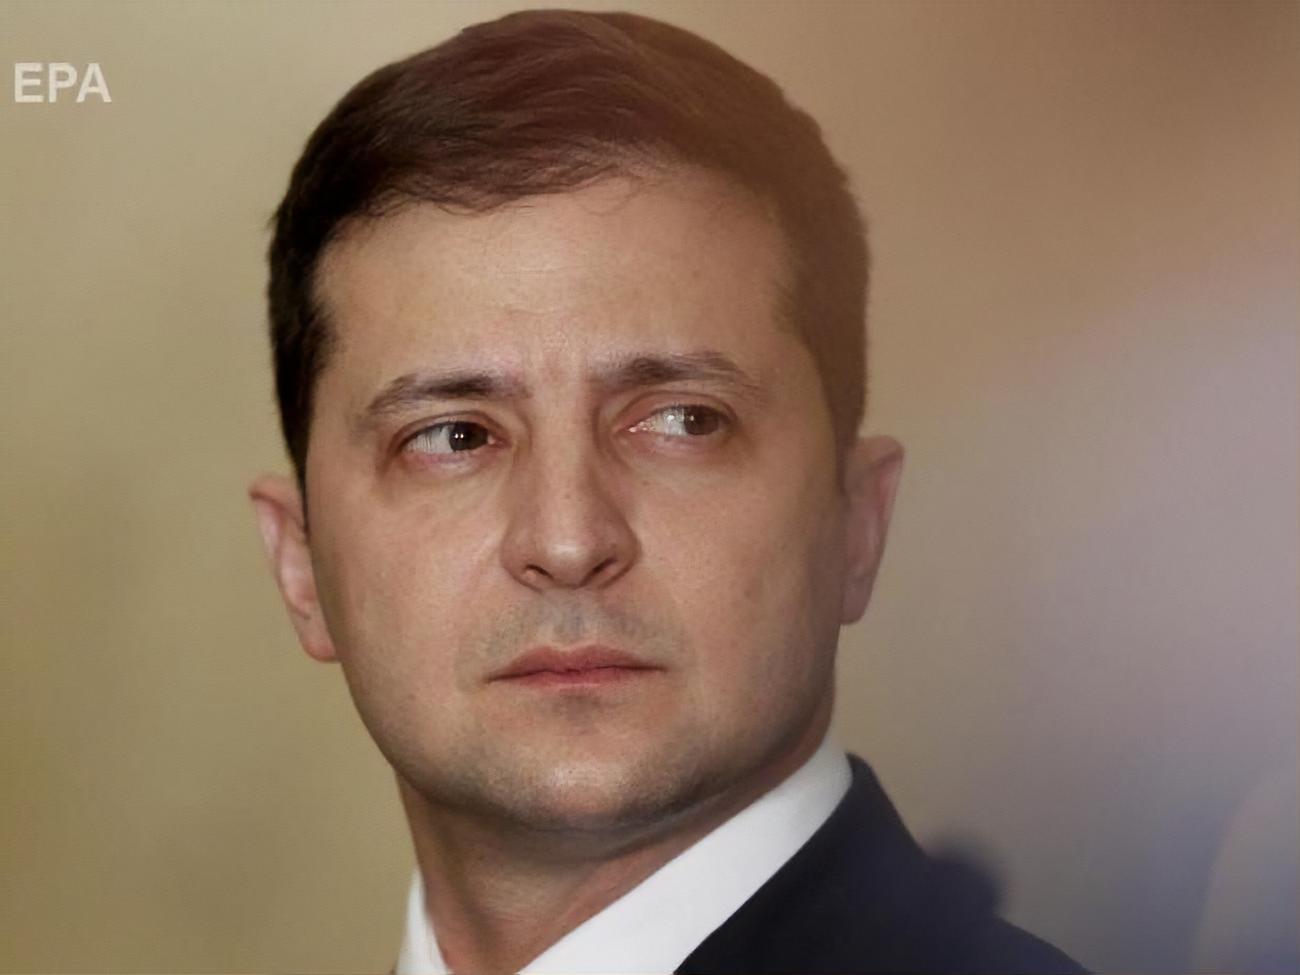 Зеленский заявил, что борьба с коррупцией – это 'долгая битва'